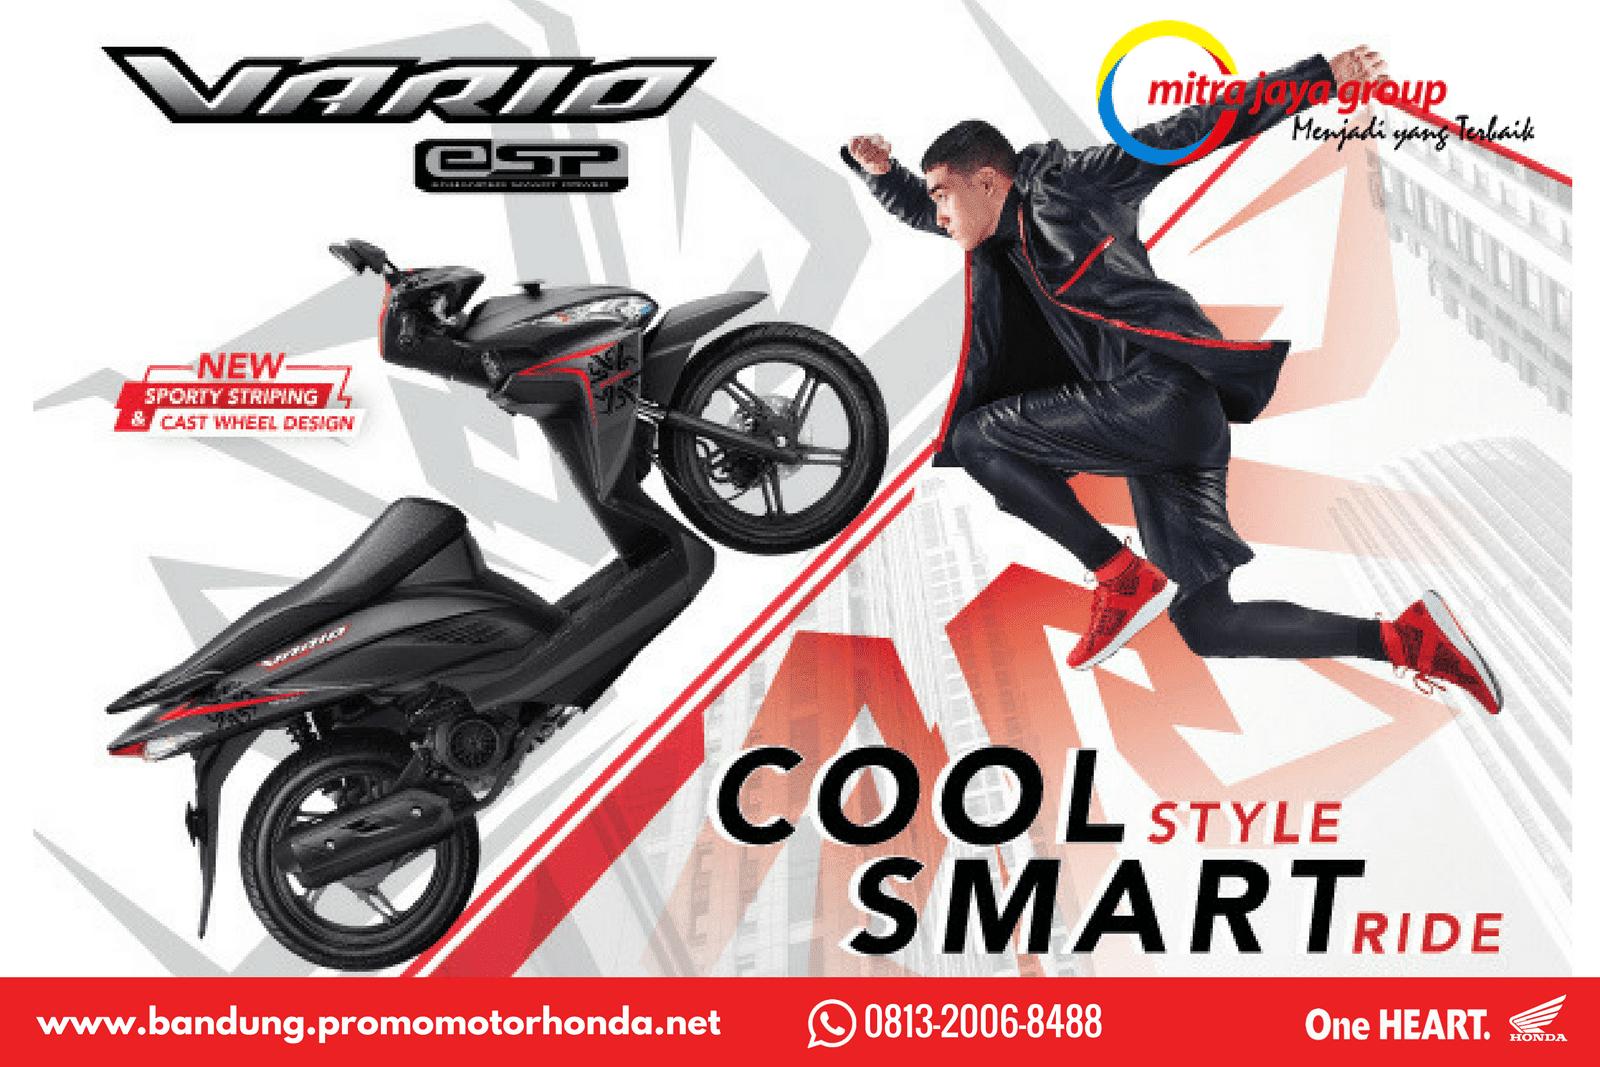 Harga Kredit Motor Honda Vario 110 Esp New Cbs Iss Grande White Yogyakarta Bandung